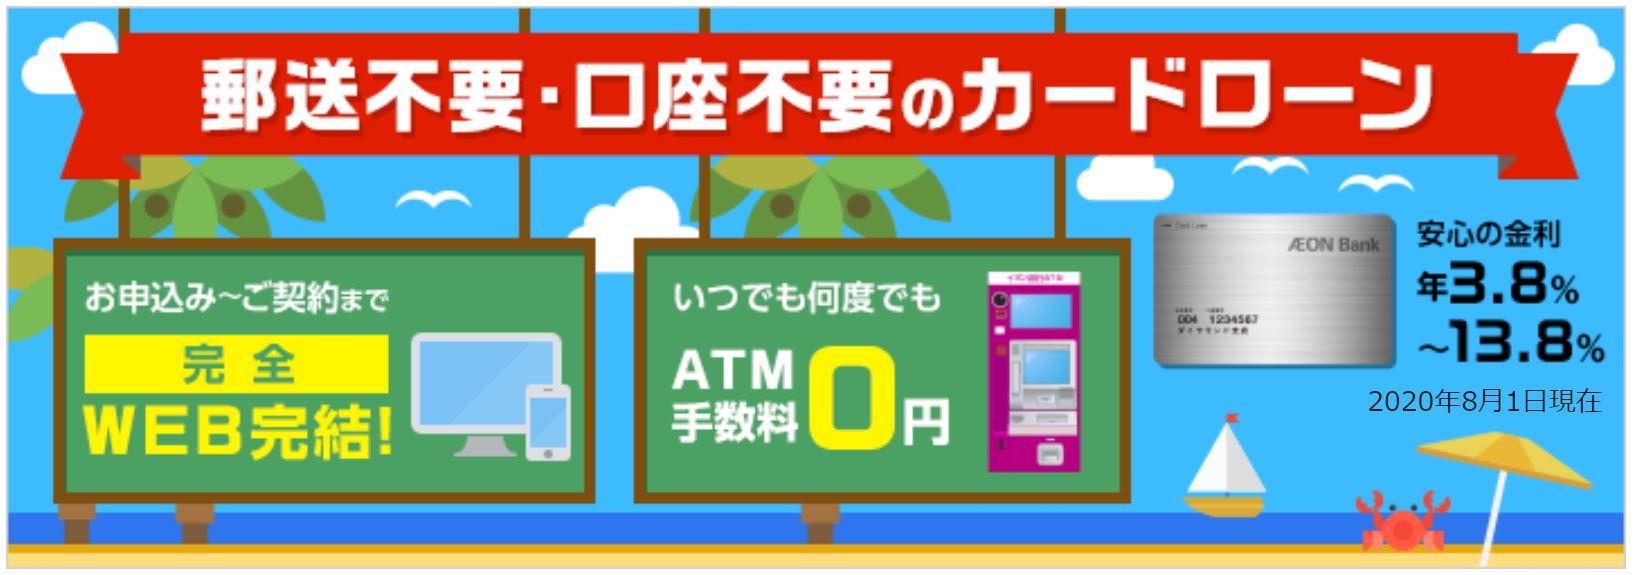 主婦_カードローン_イオン銀行